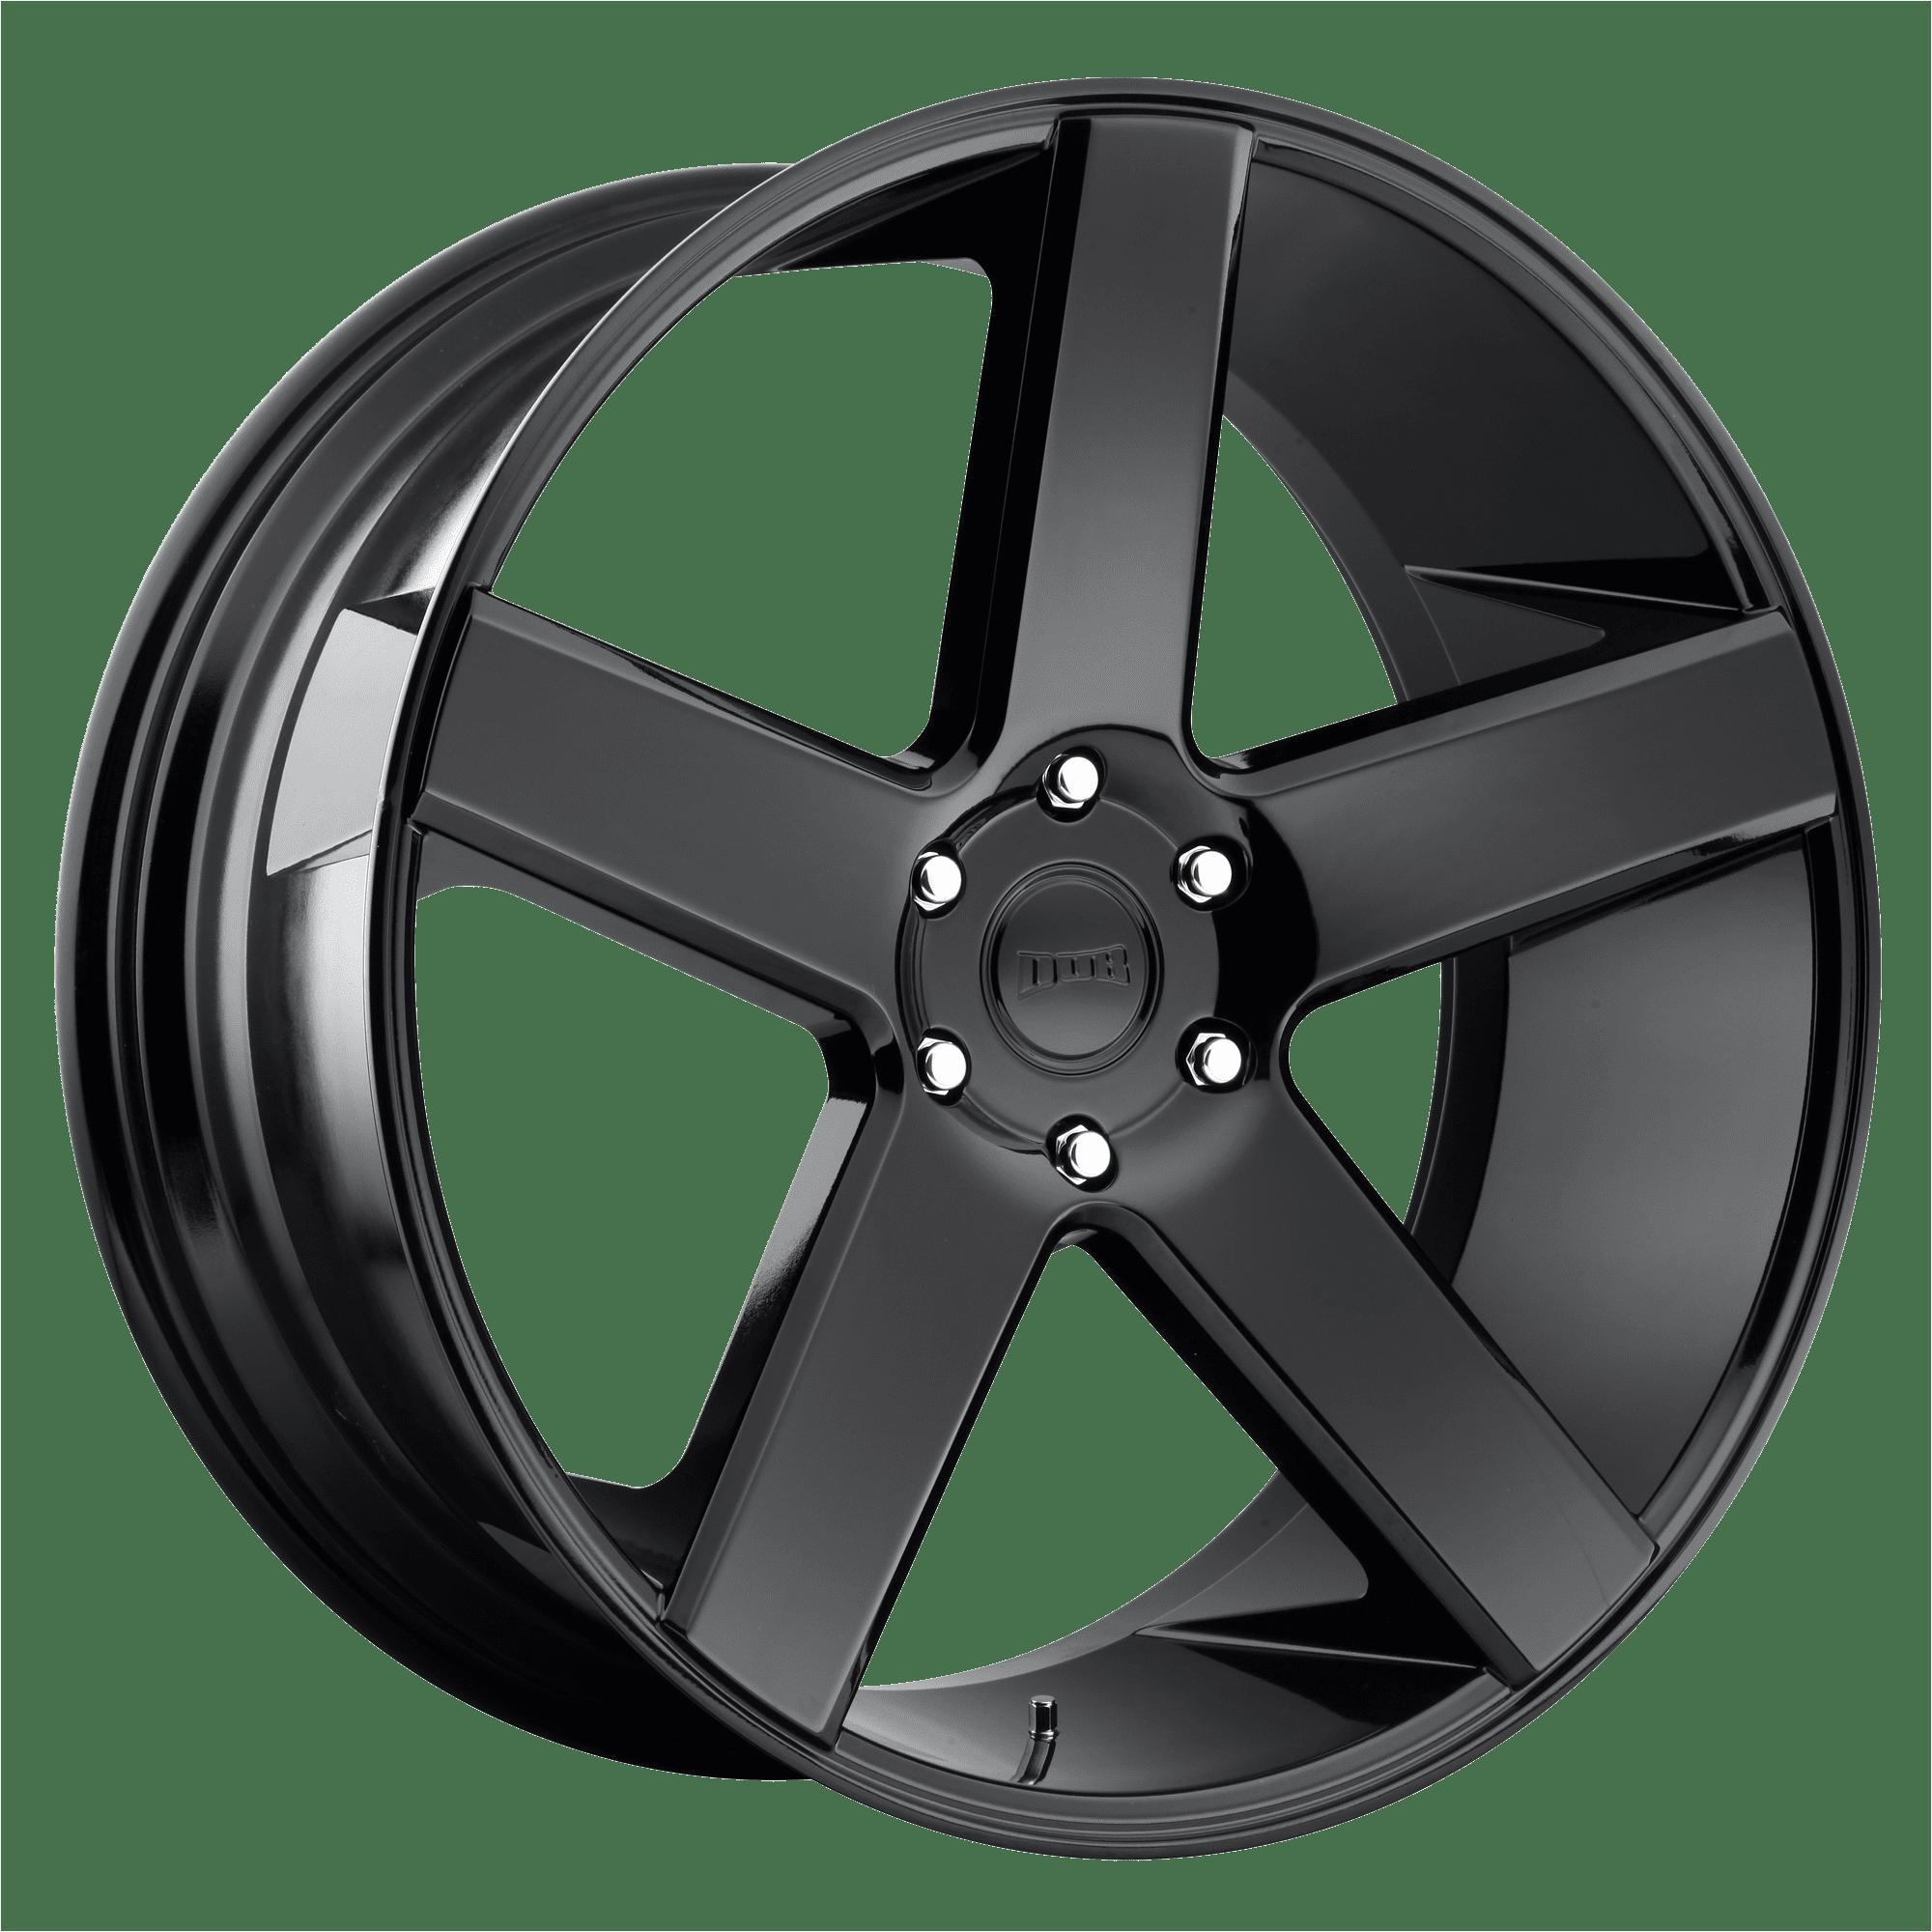 Dub Dc216 30x10 6x5 5 31mm Gloss Black Wheel Rim 30 Inch Walmart Com